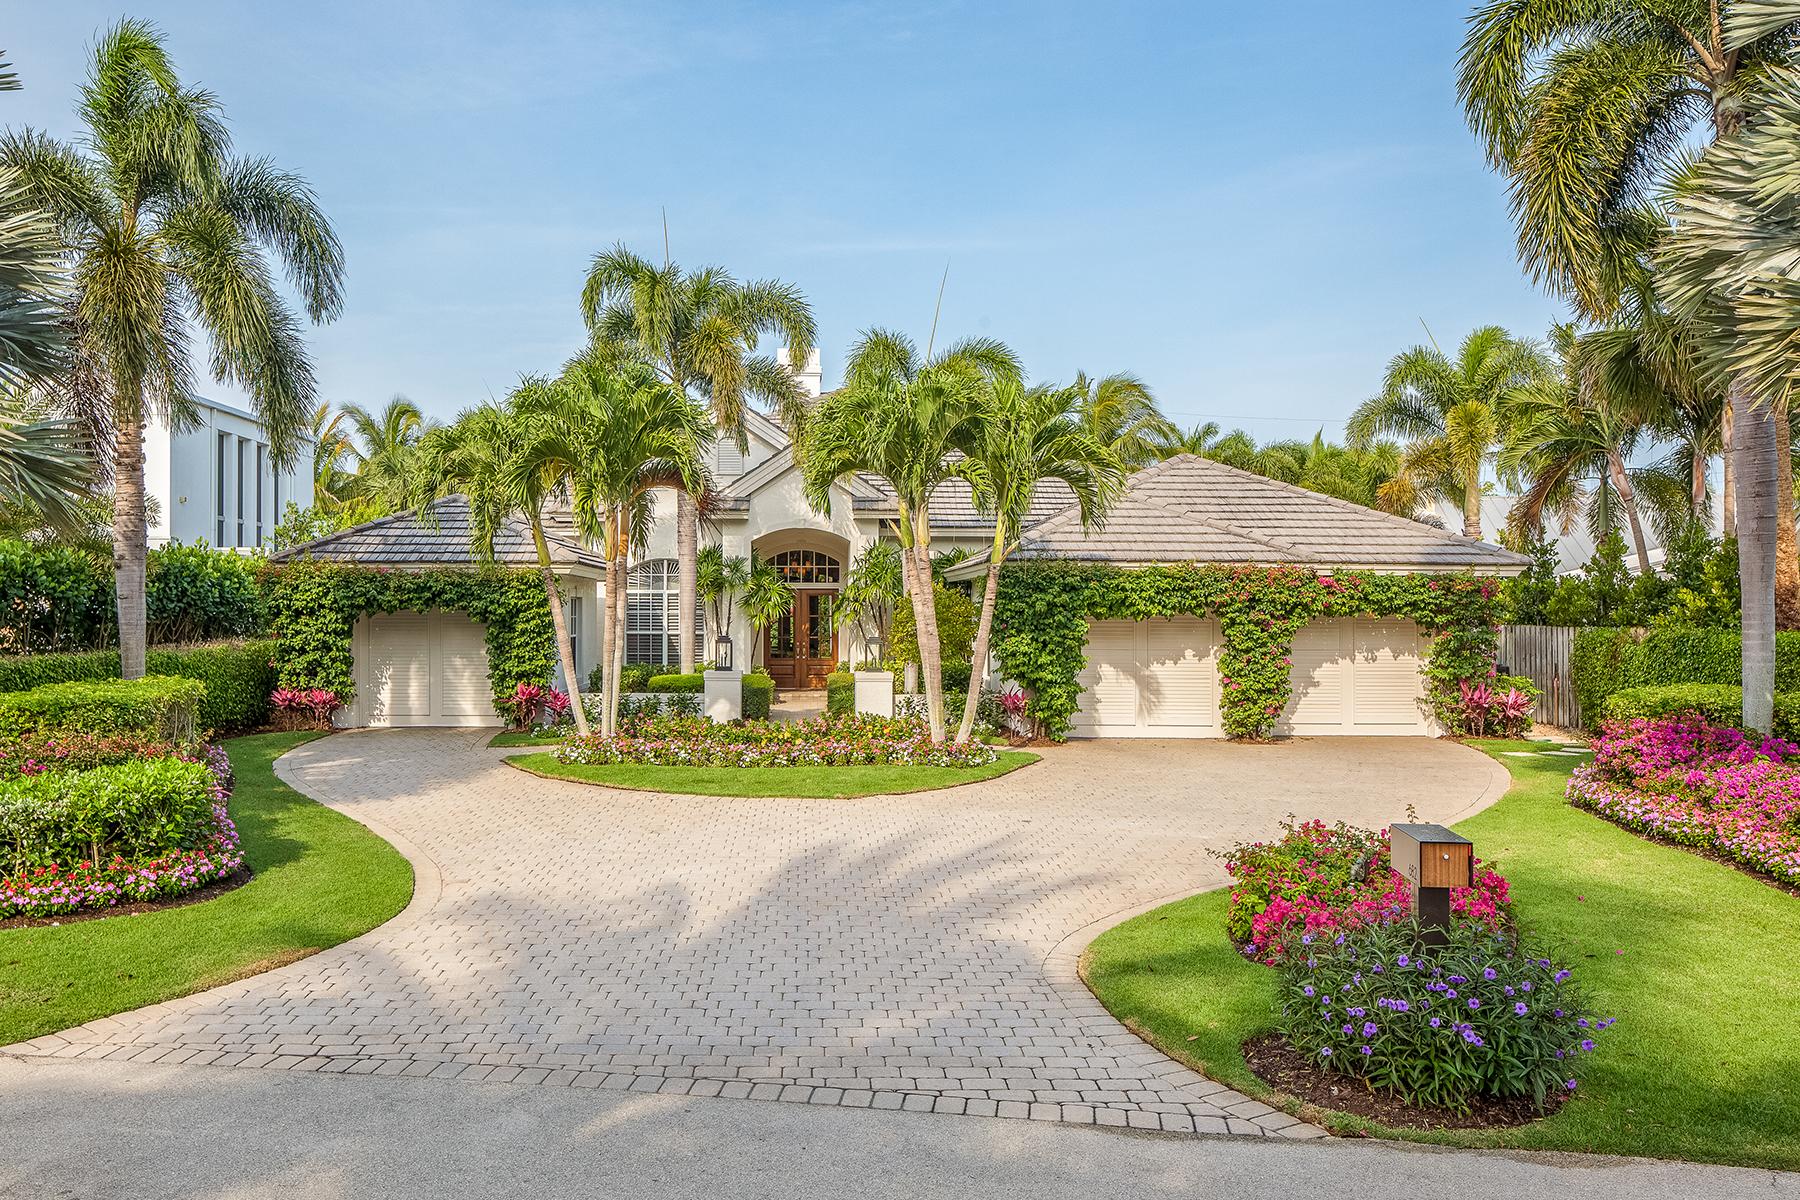 獨棟家庭住宅 為 出售 在 OLDE NAPLES 682 Bougainvillea Rd Naples, 佛羅里達州, 34102 美國